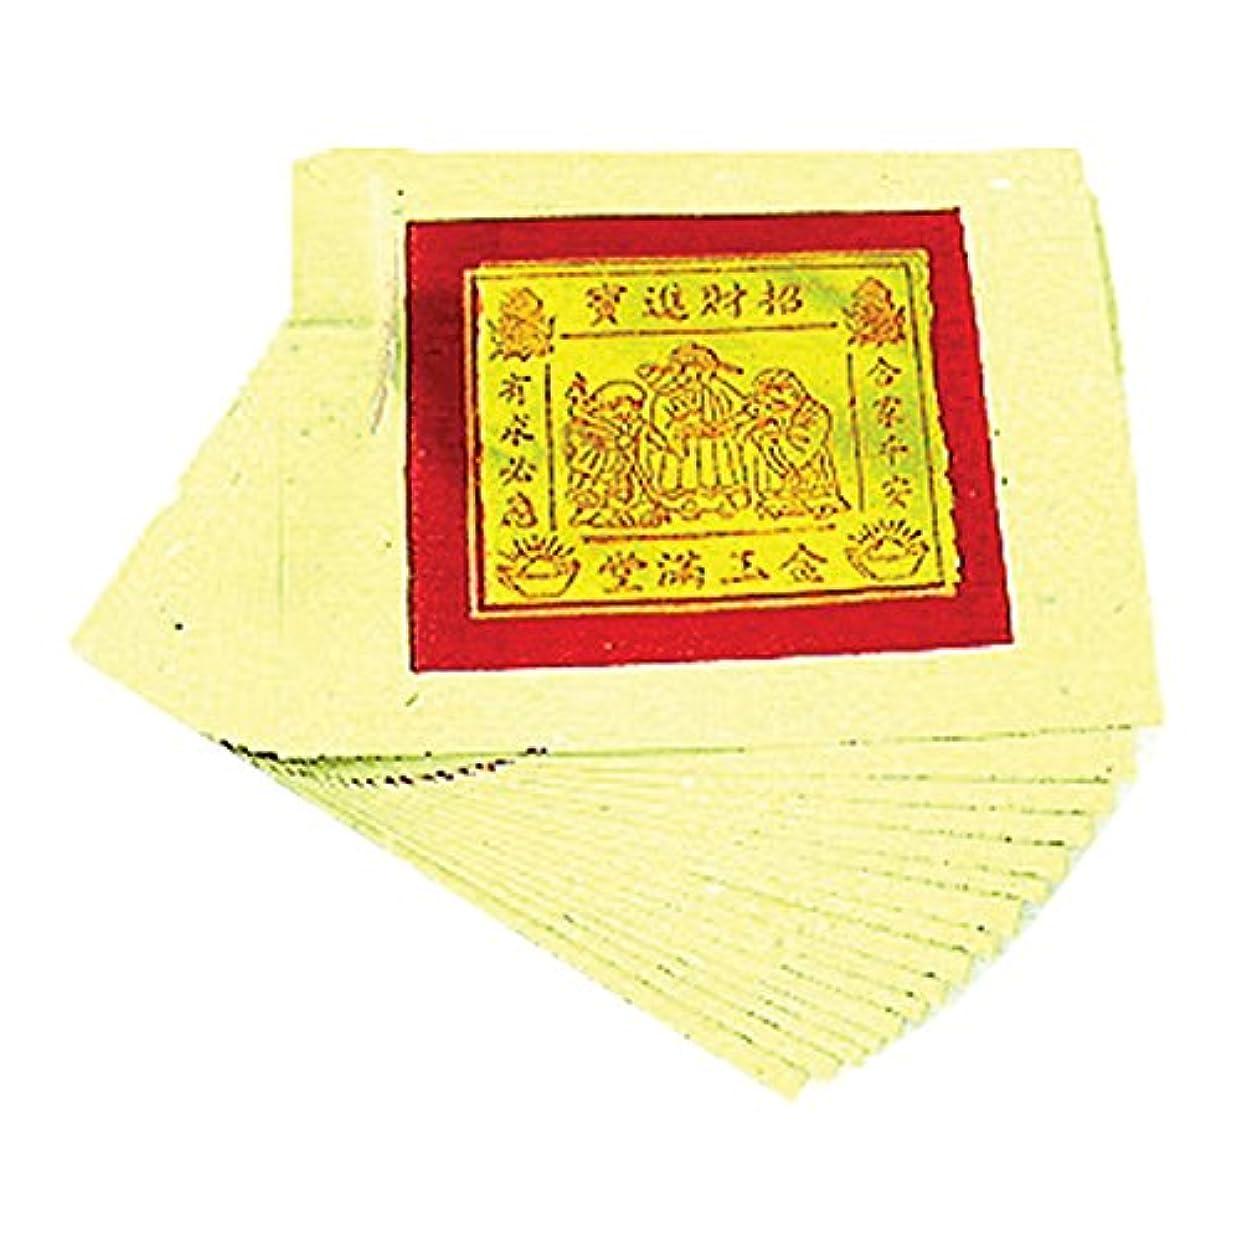 電極回転させる部族100個Incense用紙/ Joss用紙withゴールド箔Sサイズ6.5インチx 4.8インチ